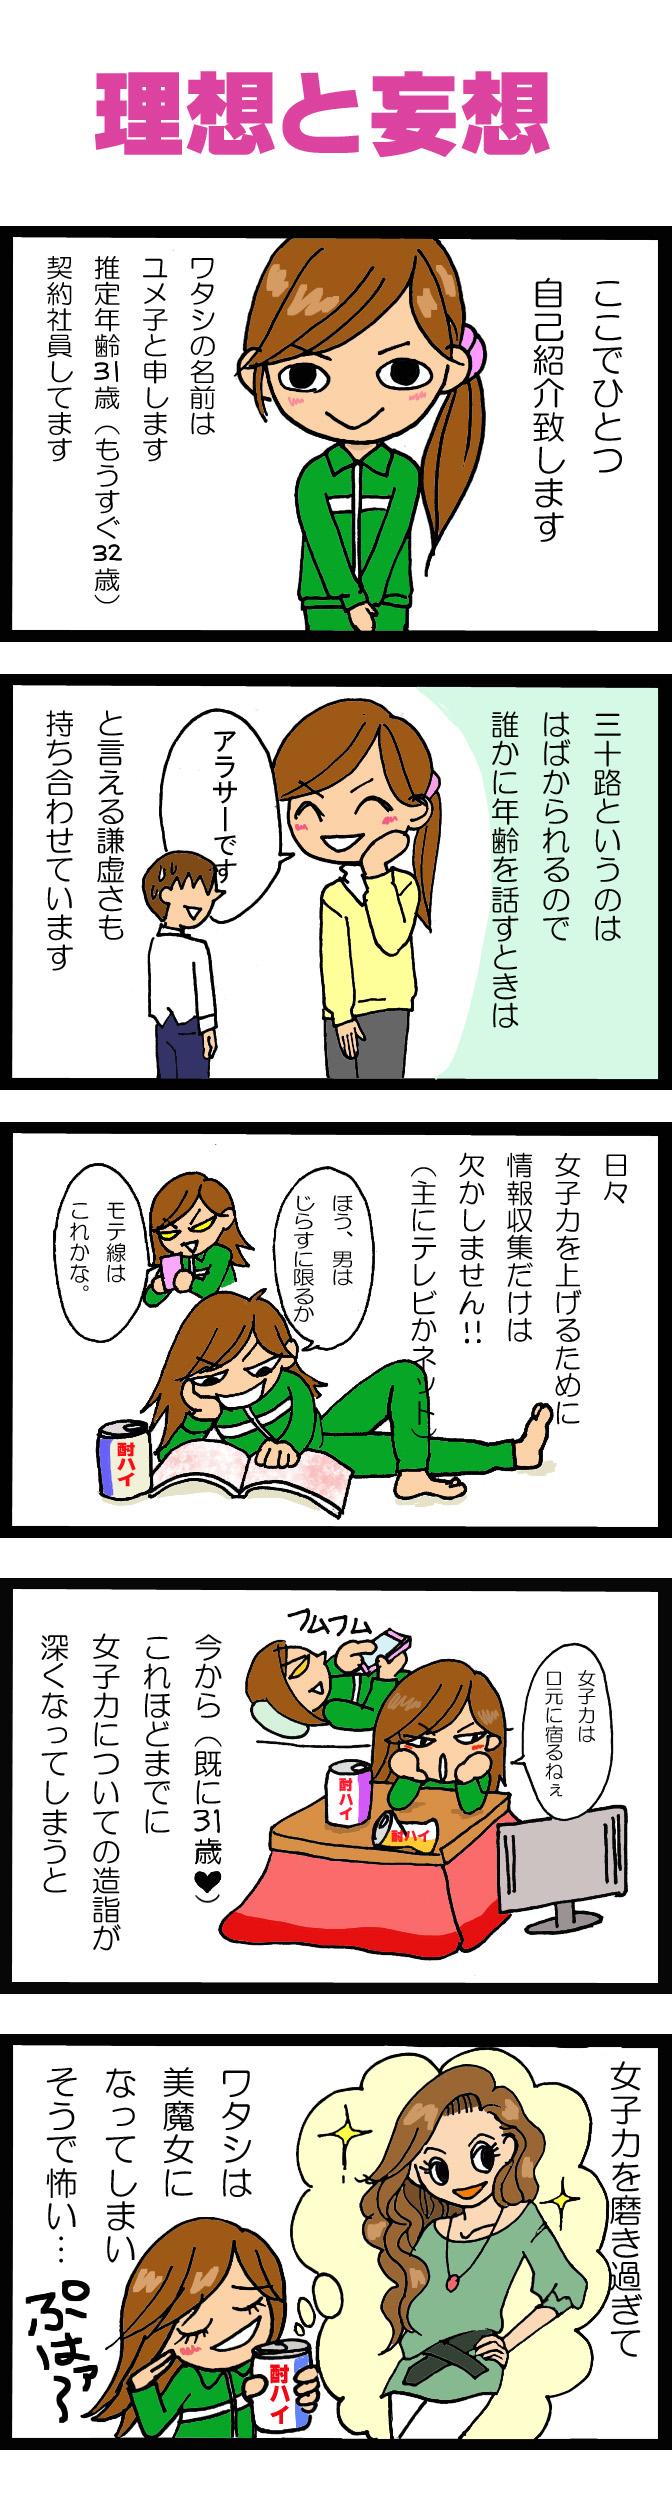 【漫画】第2回「イケてしまい過ぎる女子達へ」ユメ子の理想 作:兼山和子